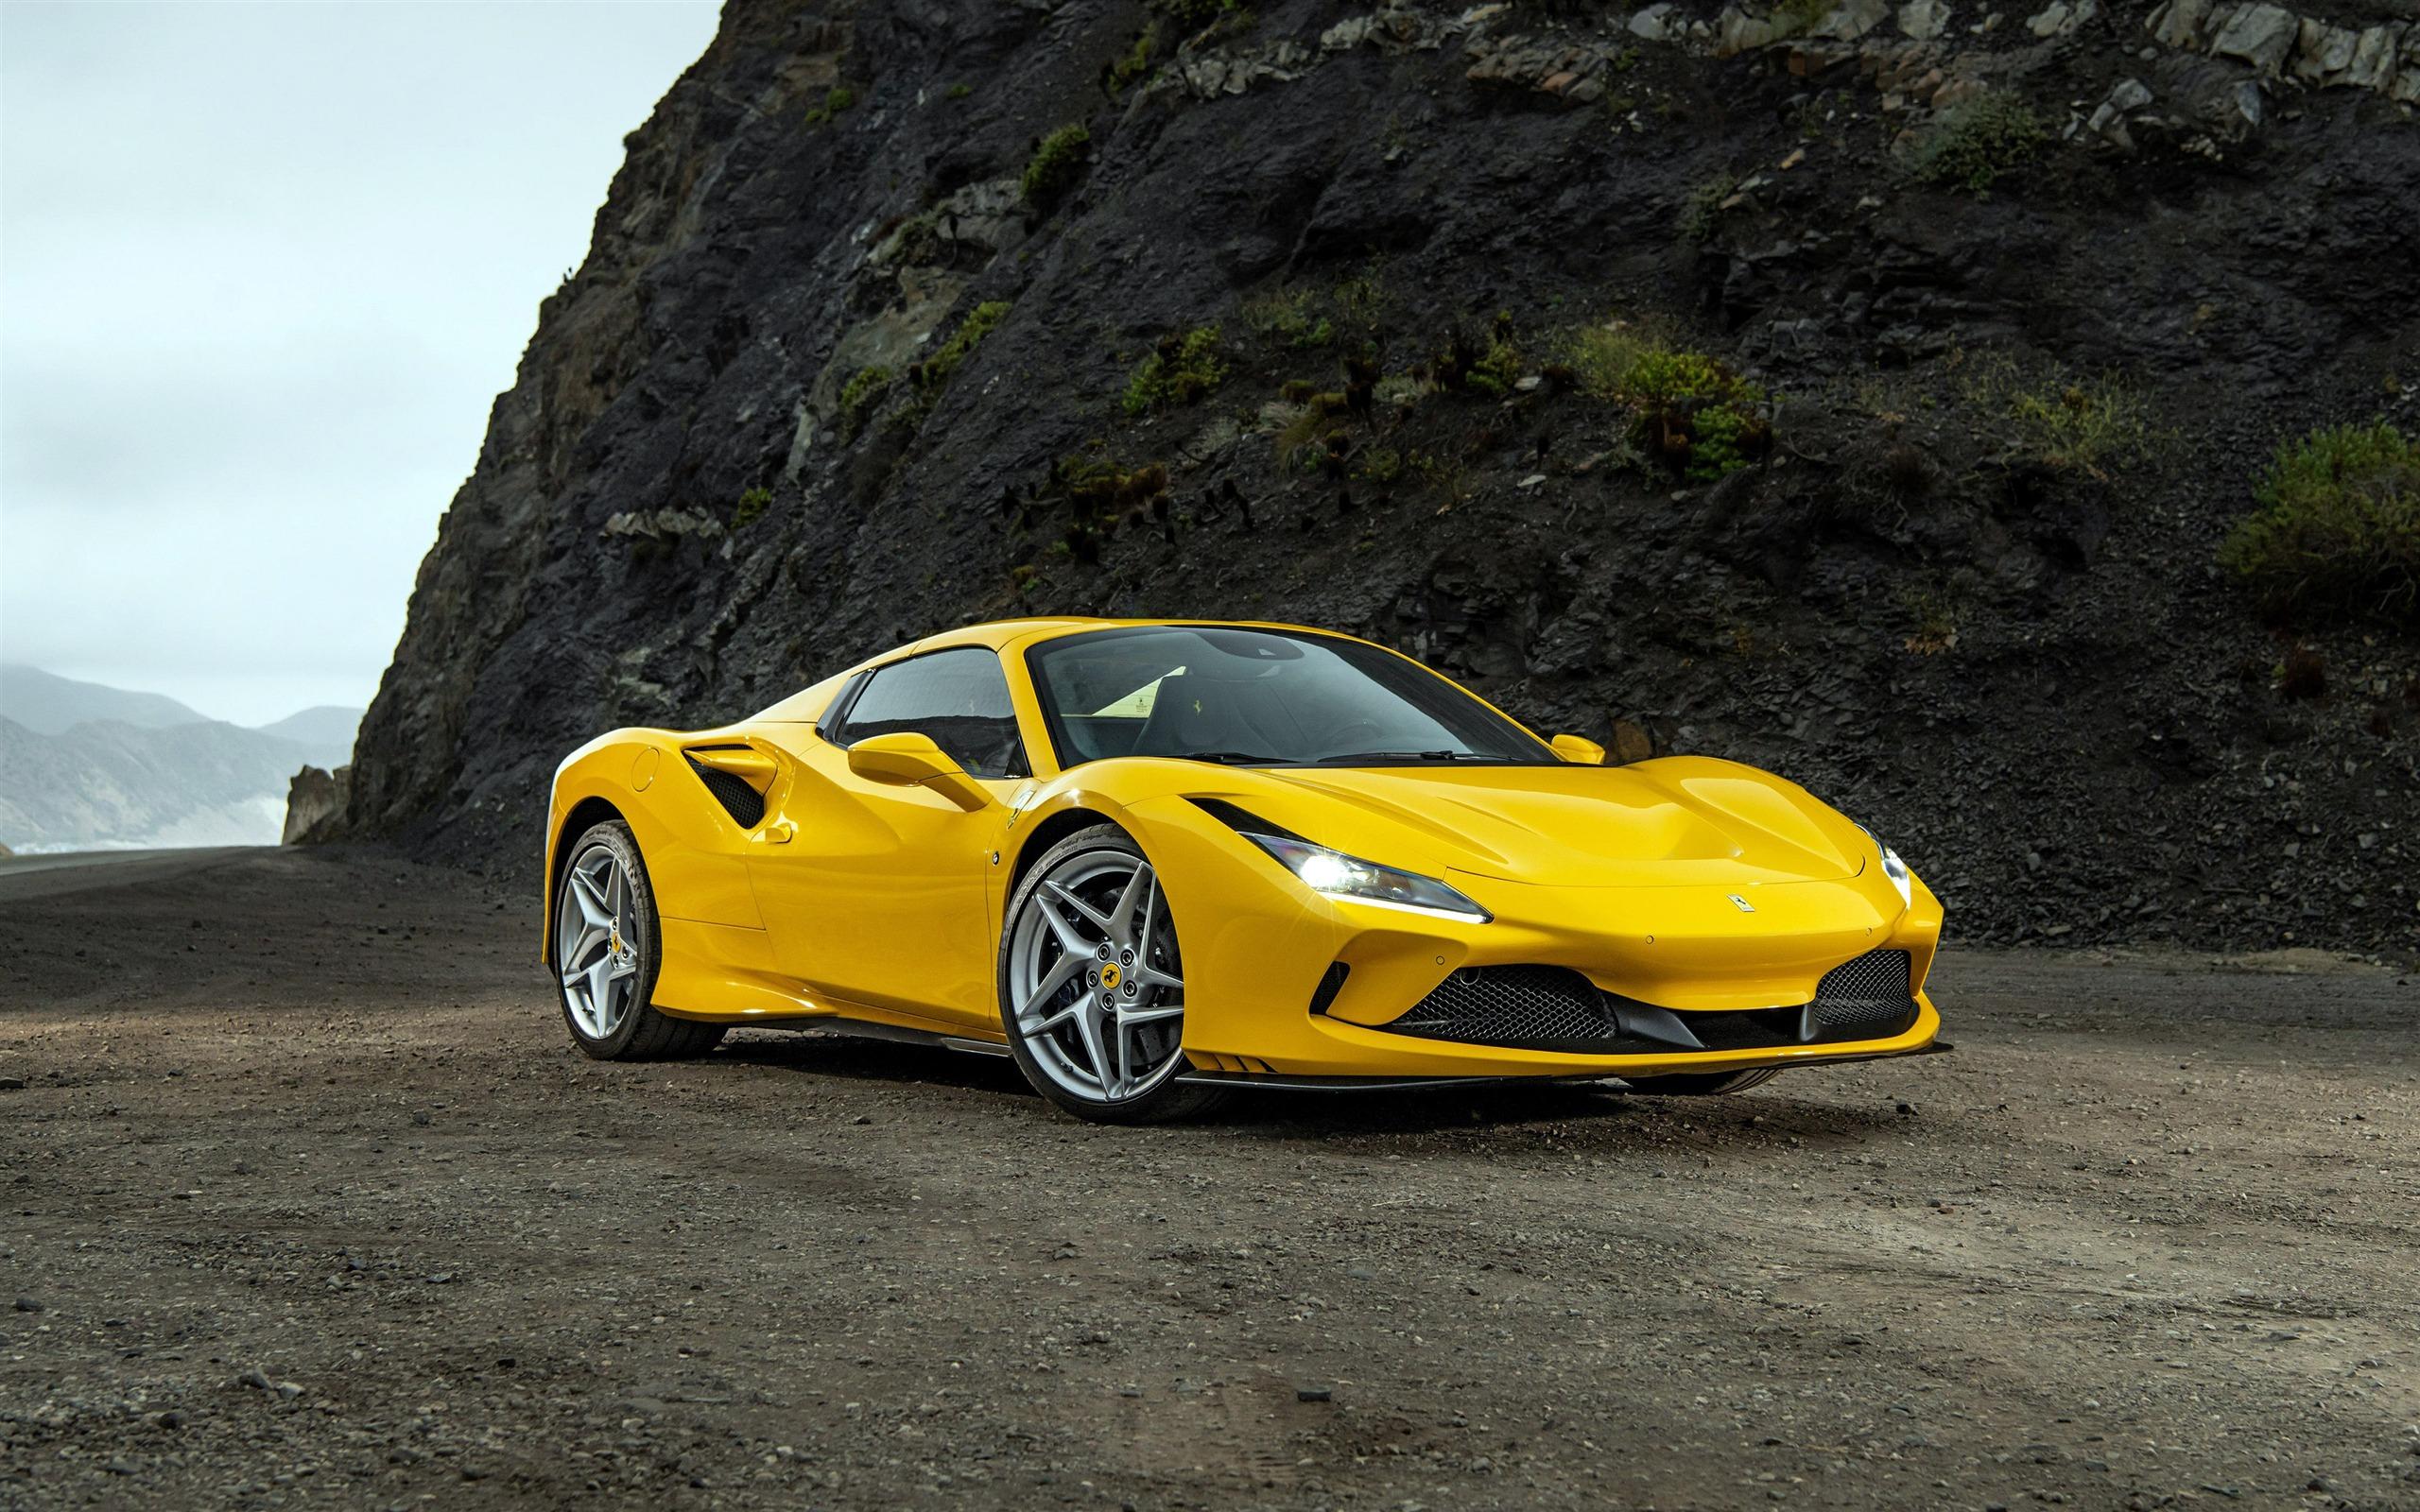 Ferrari F8 Aranha Supercarro 2020 Alta Qualidade Foto Visualizacao 10wallpaper Com